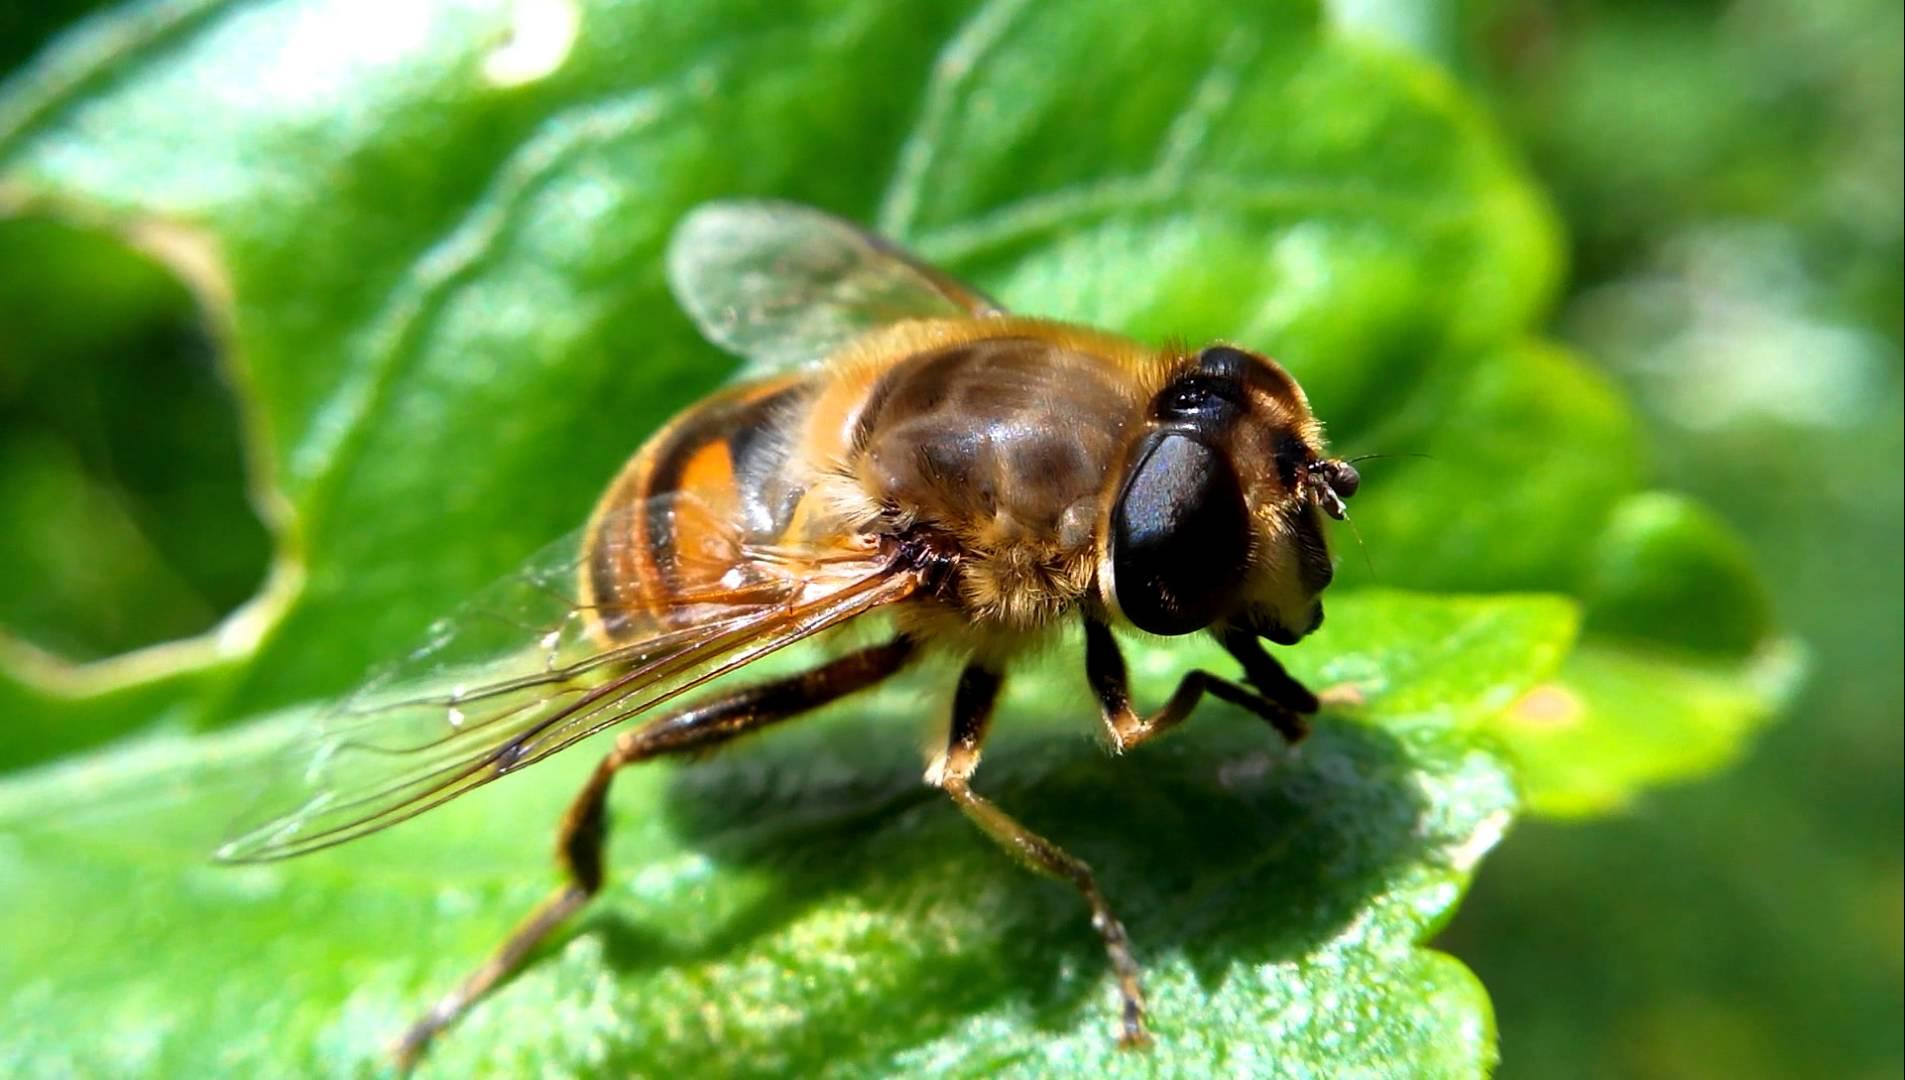 Mosca abeja